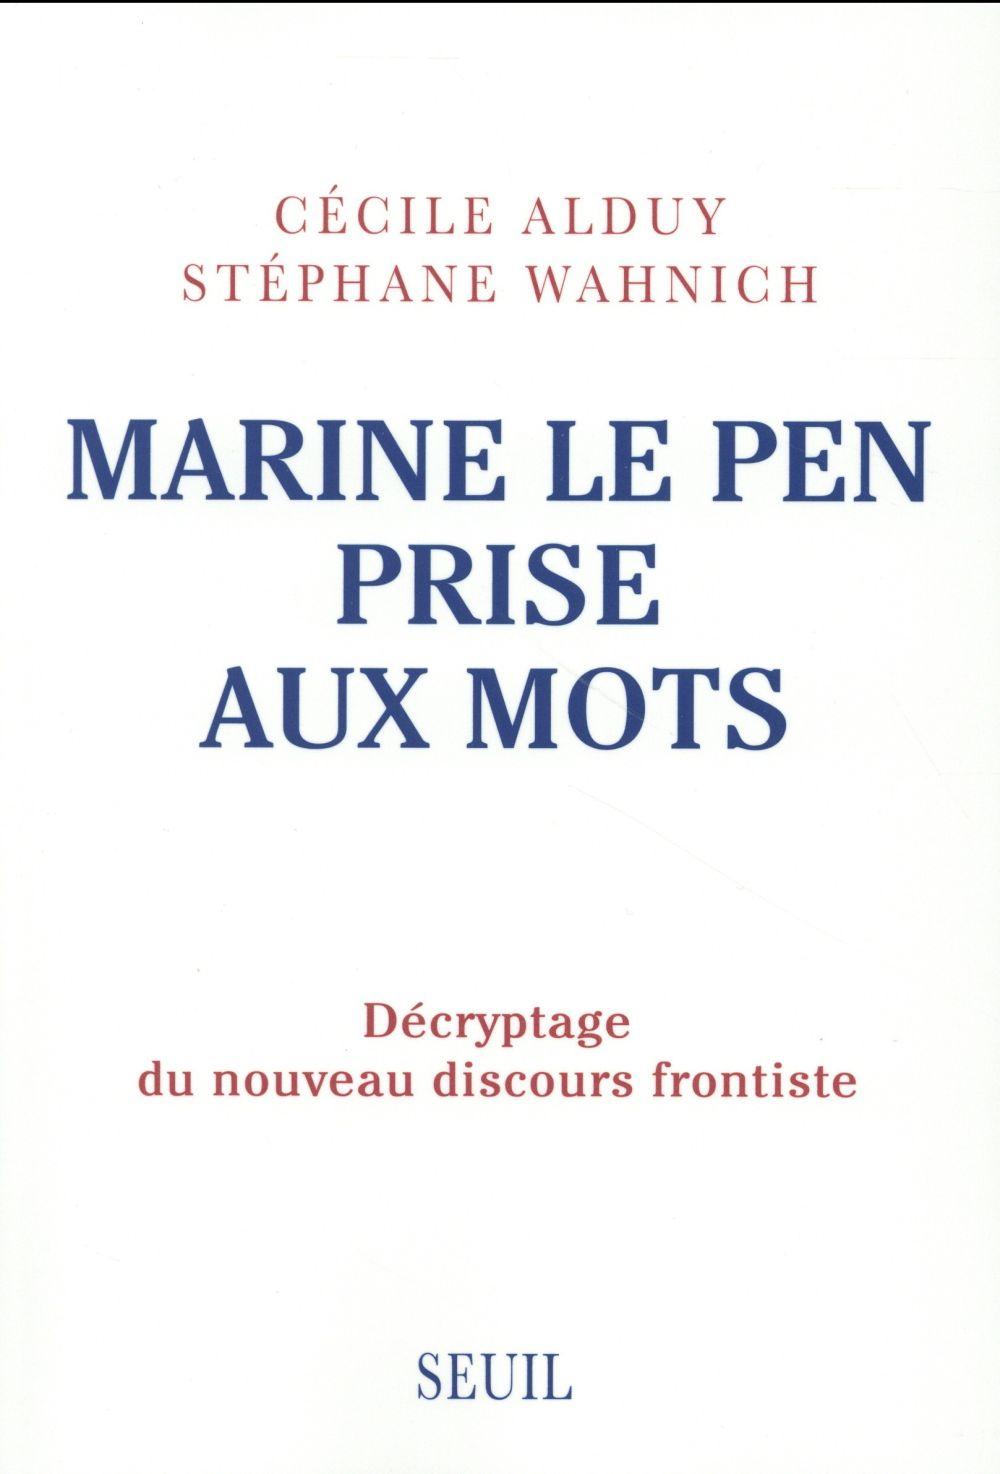 Marine Le Pen prise aux mots ; décryptage du nouveau discours frontiste